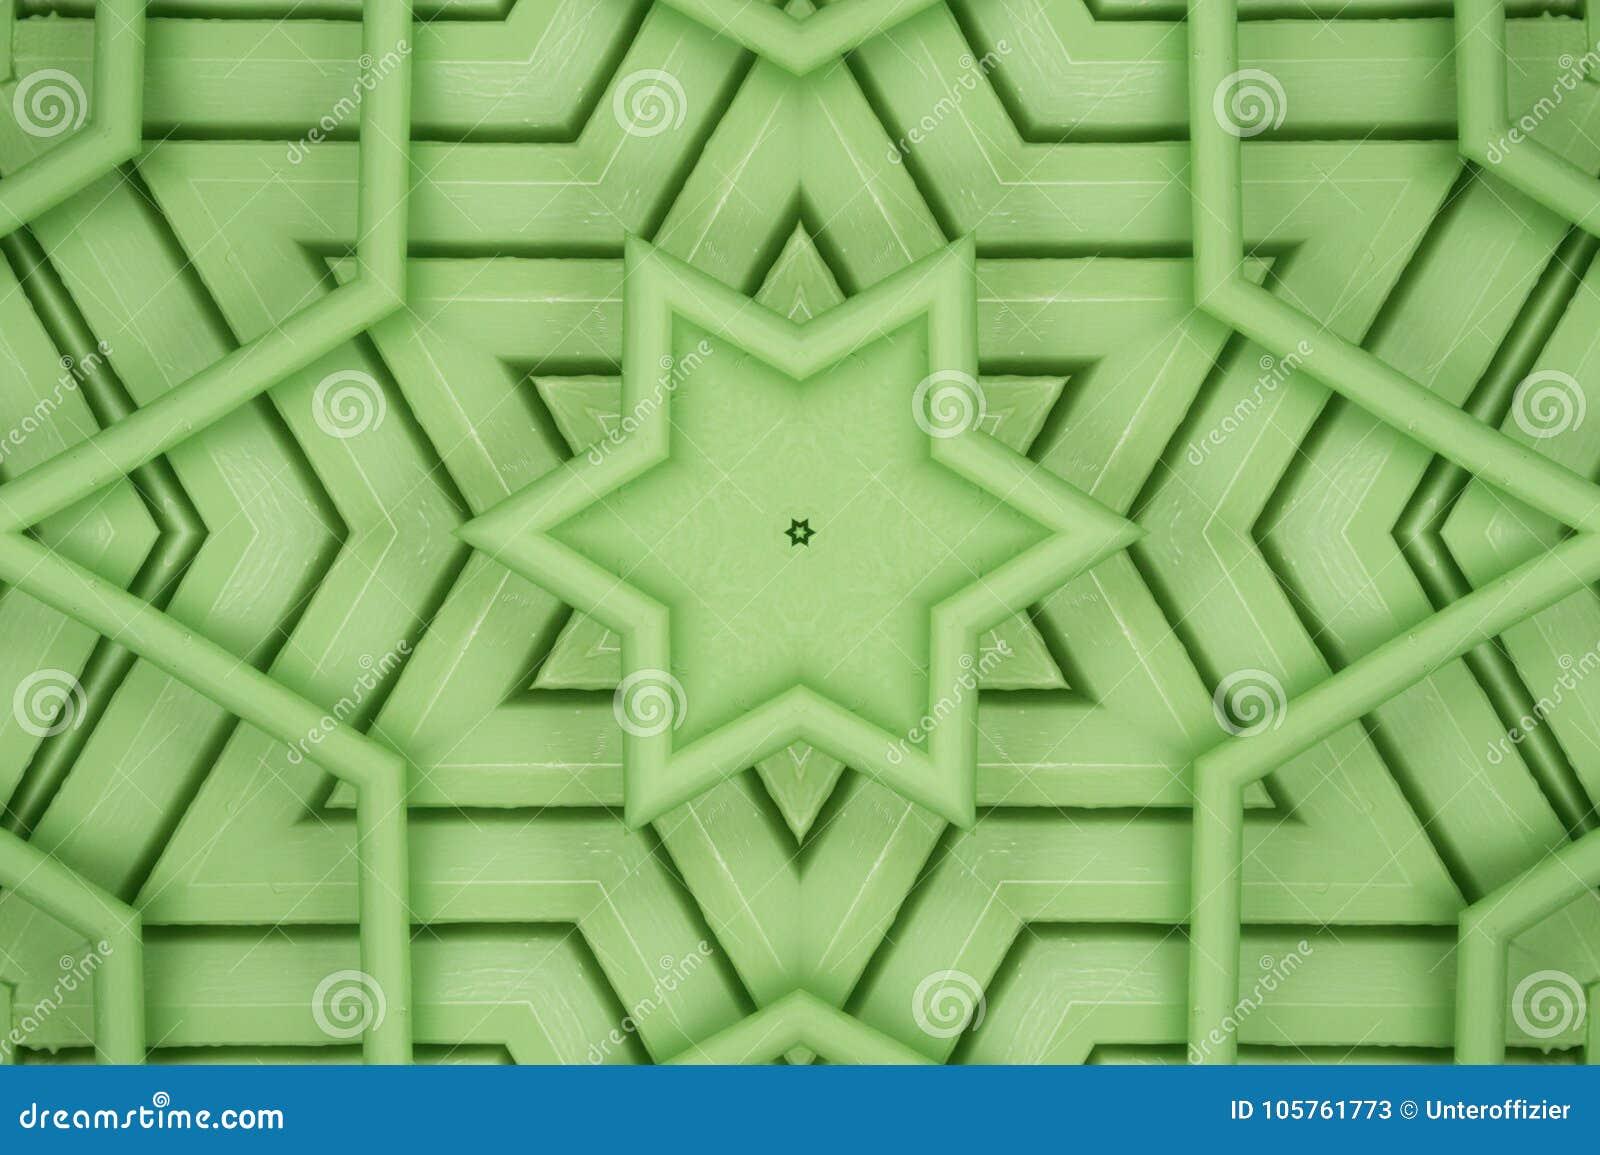 Étoile verte de hexagram